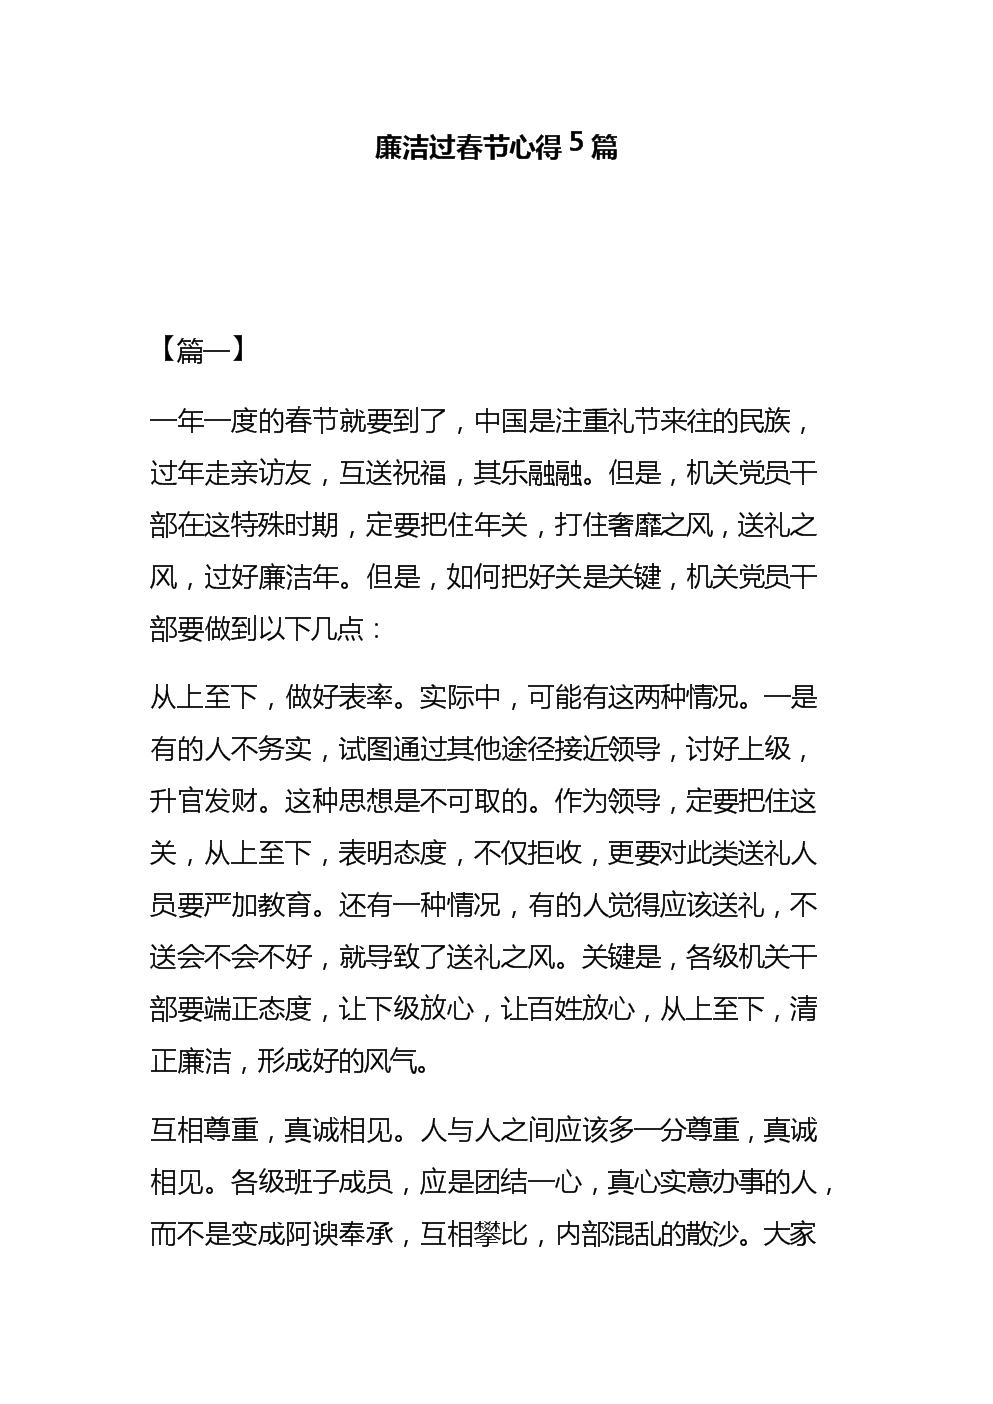 廉洁过春节心得(5篇).docx